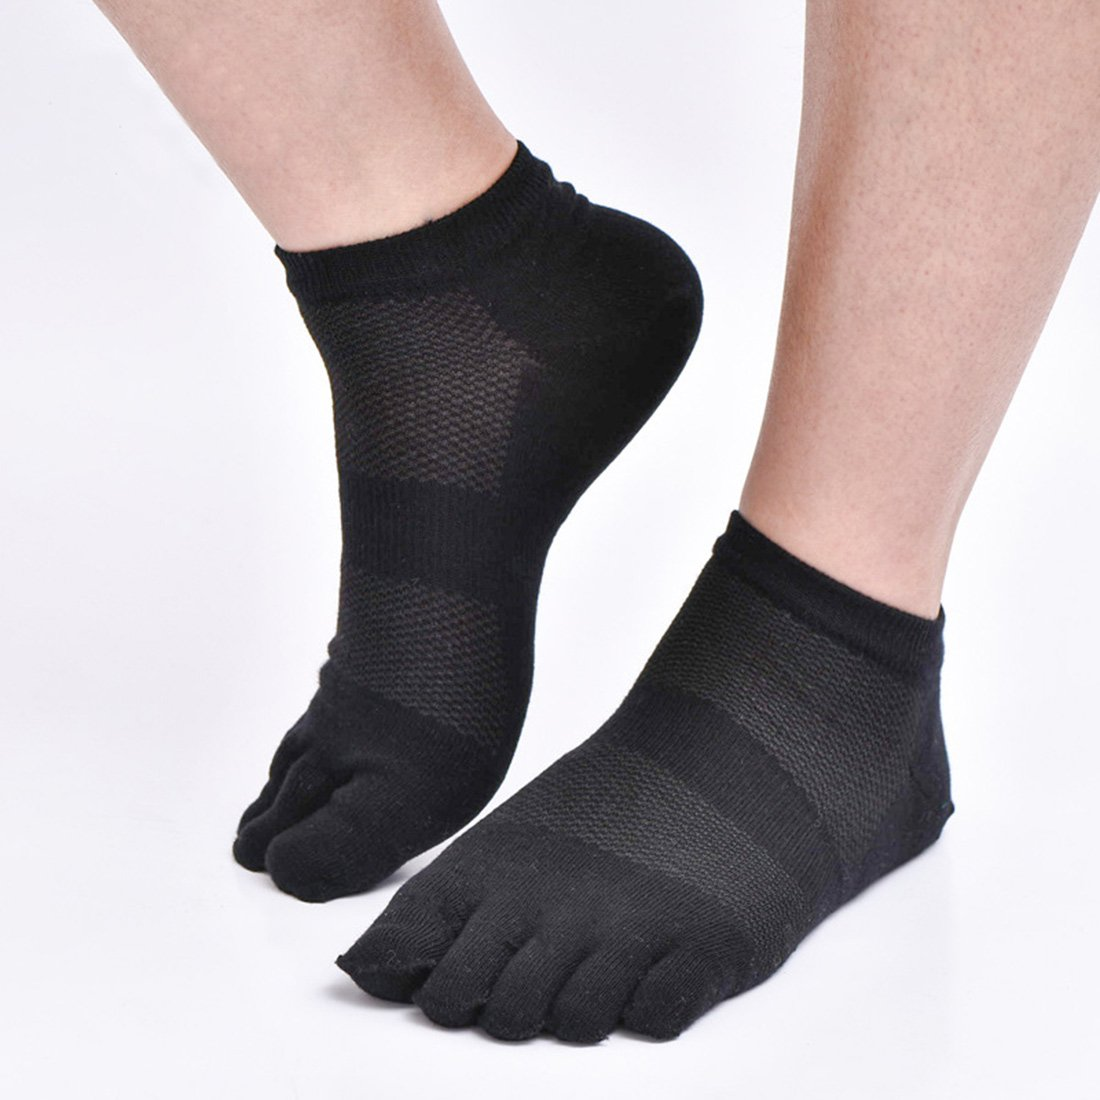 Aieoe - Calcetines de Dedos para Hombres Pack de 6 pares de Algodón Absorbente Transpirable Finos para Verano Deportes - Blanco: Amazon.es: Ropa y ...